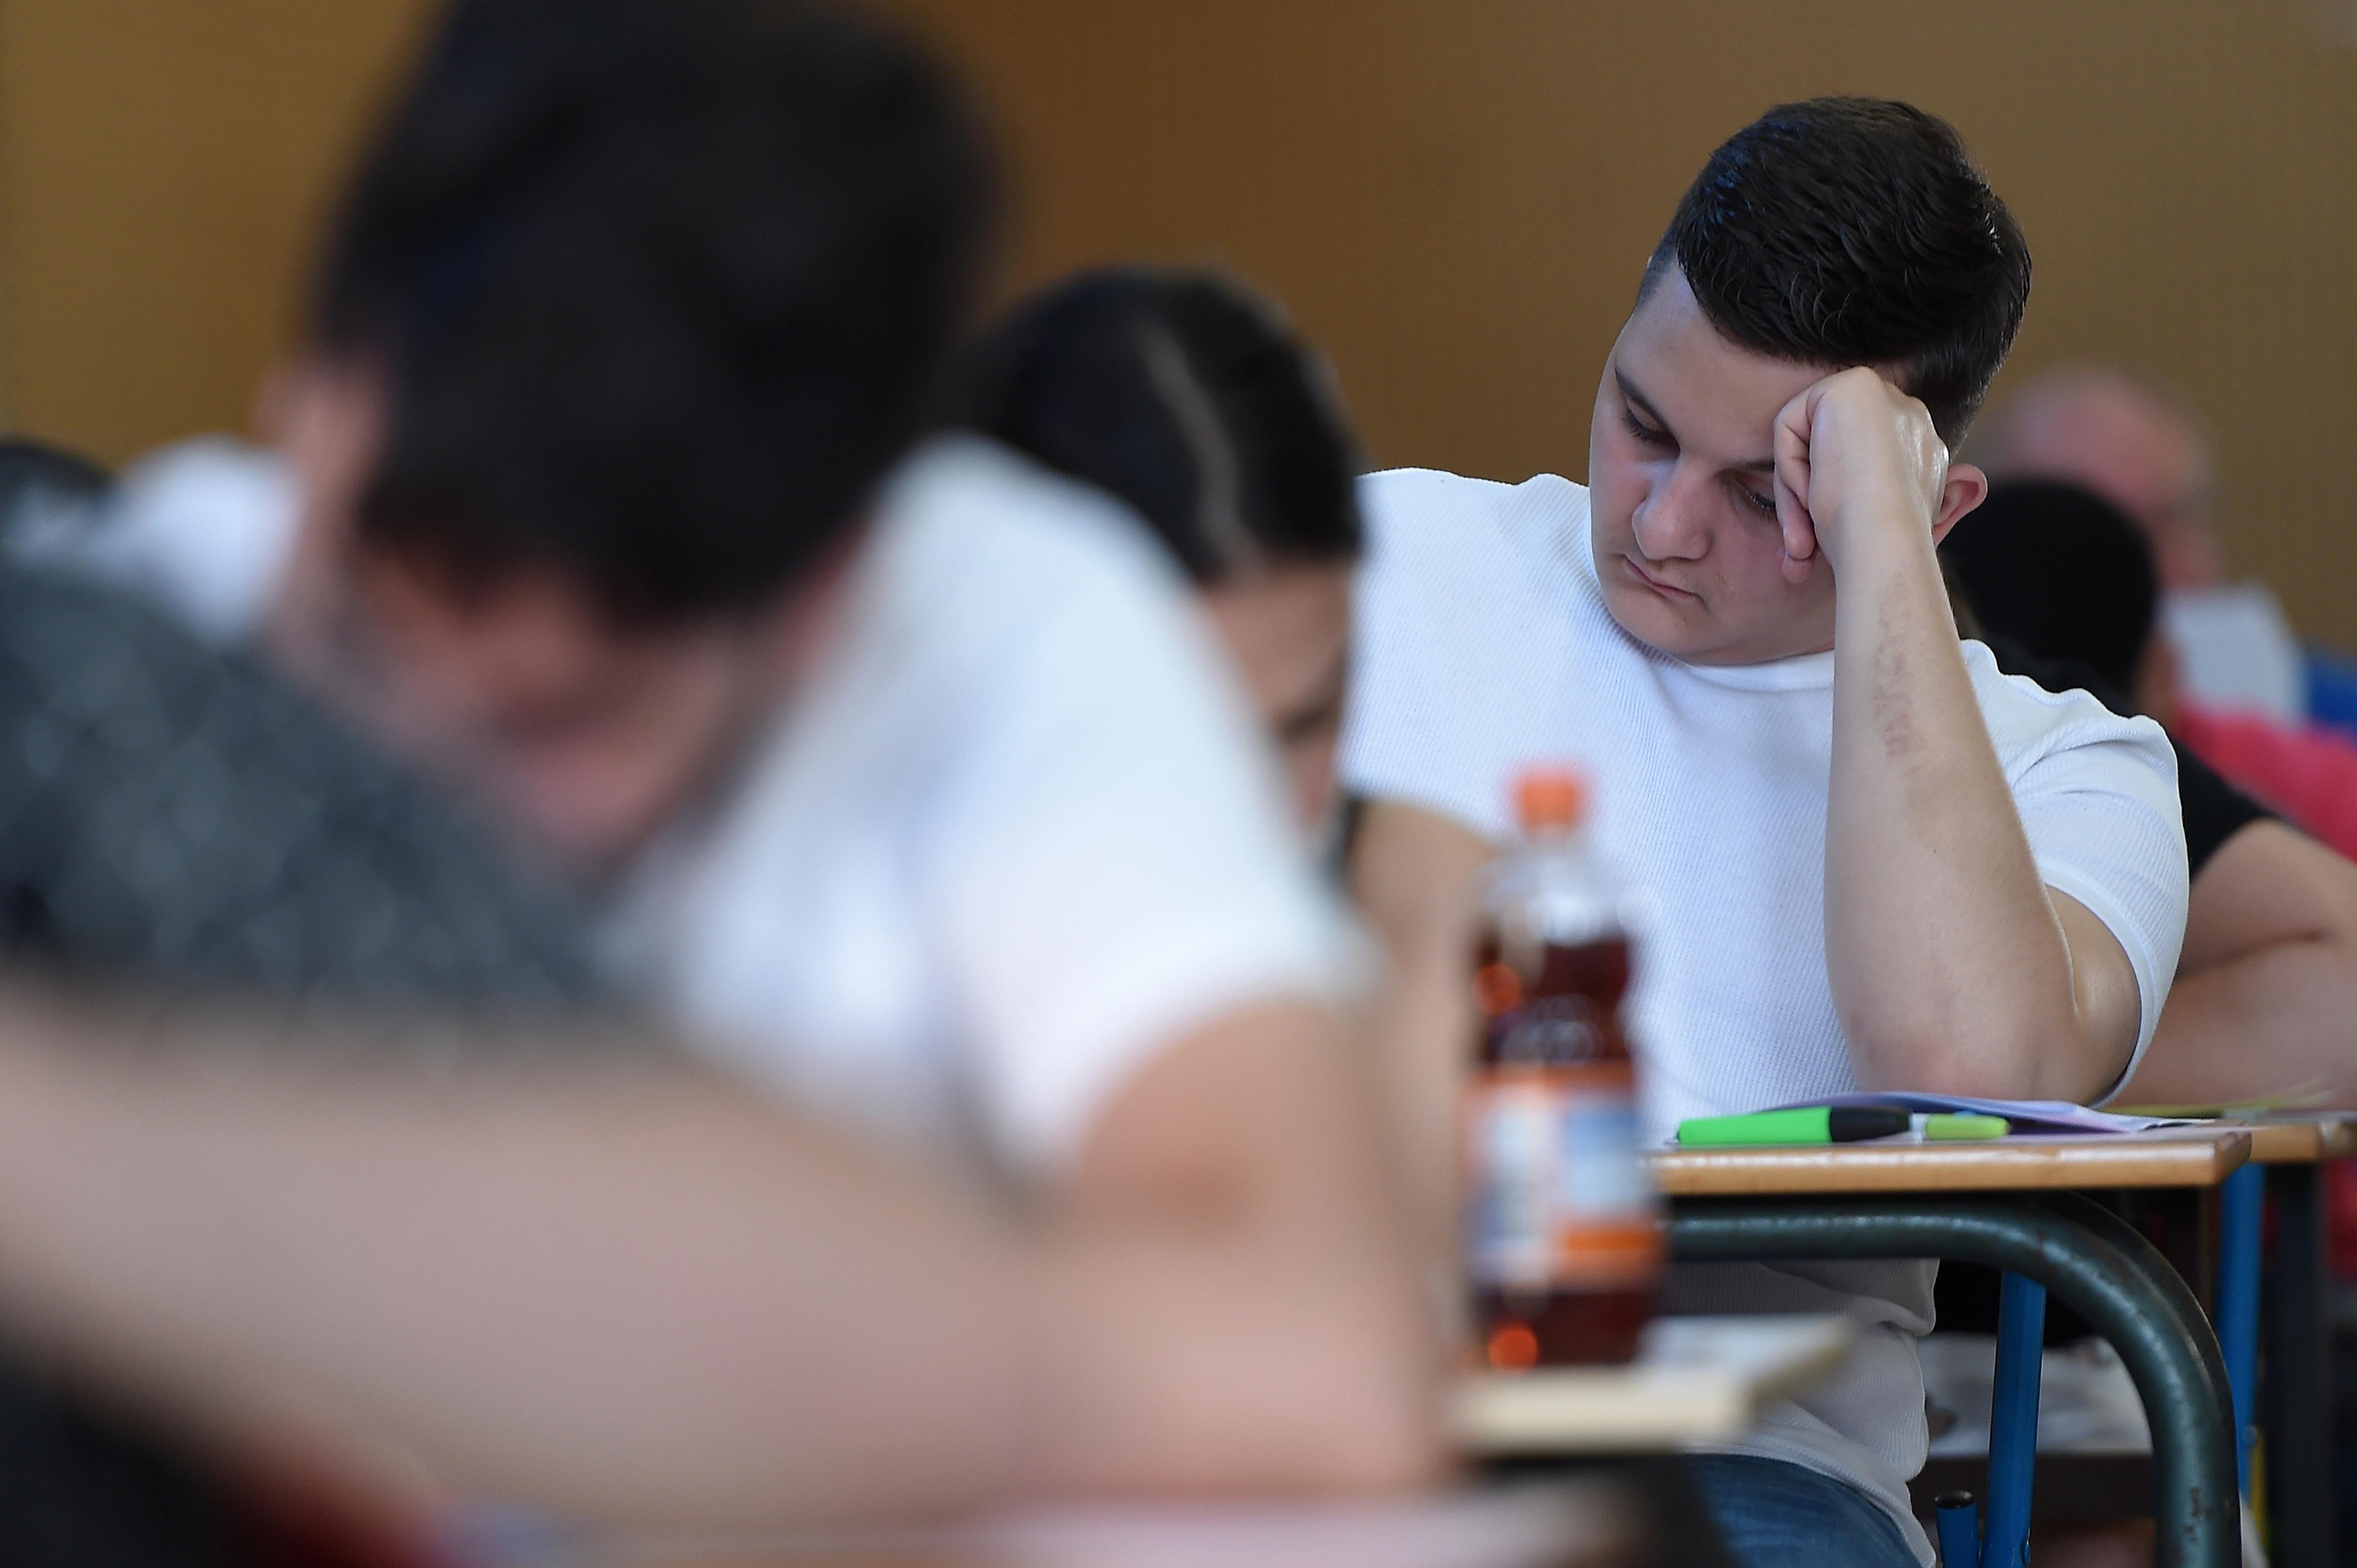 Az egyetemi felvételik szigorítása ellenére sem ugrott meg nyelvvizsgákra jelentkezők száma